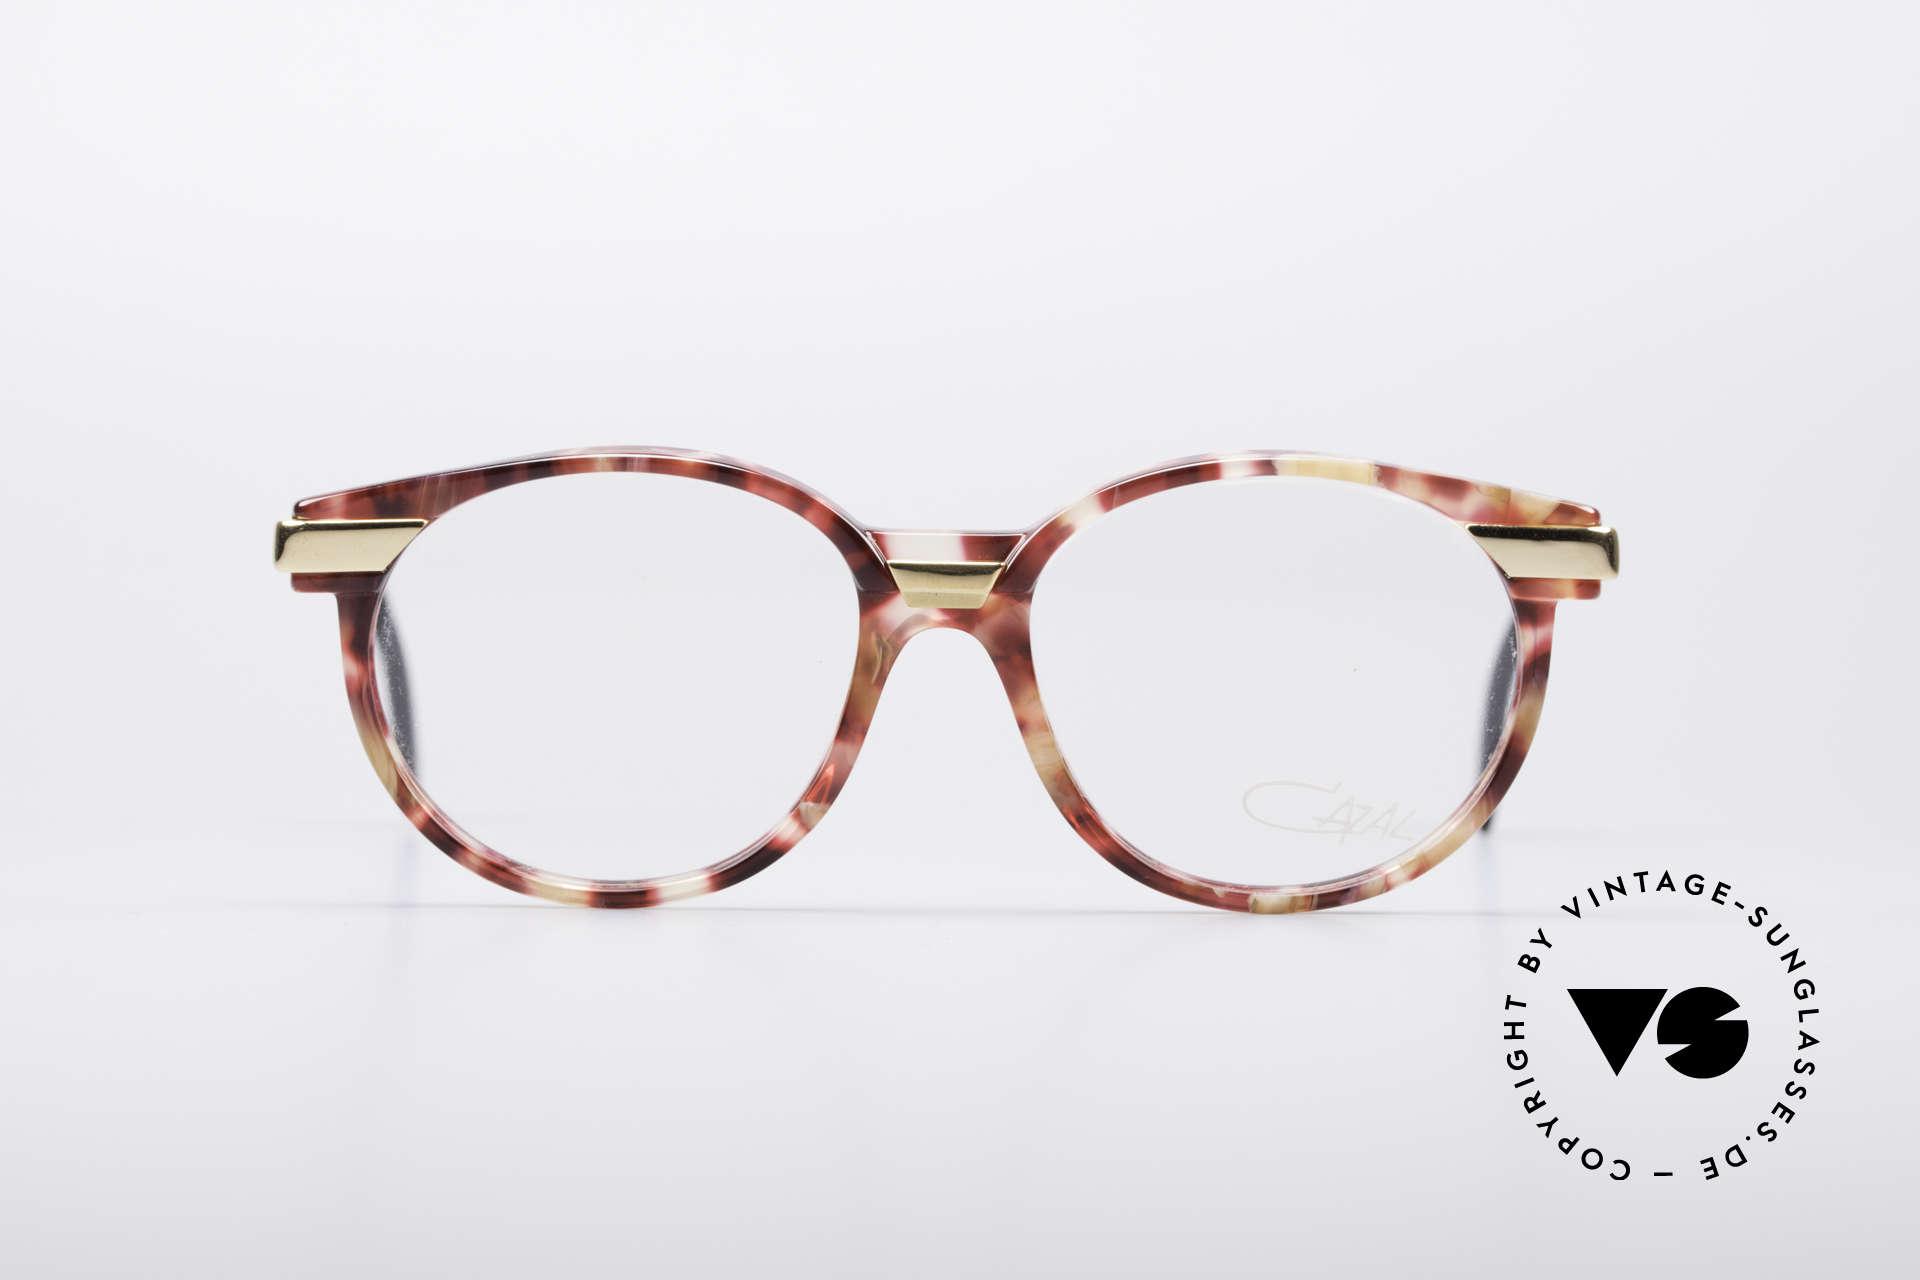 Cazal 338 Kleine Runde Vintage Brille, zeitloses Design & beste Qualität in SMALL Gr. 49/15, Passend für Herren und Damen